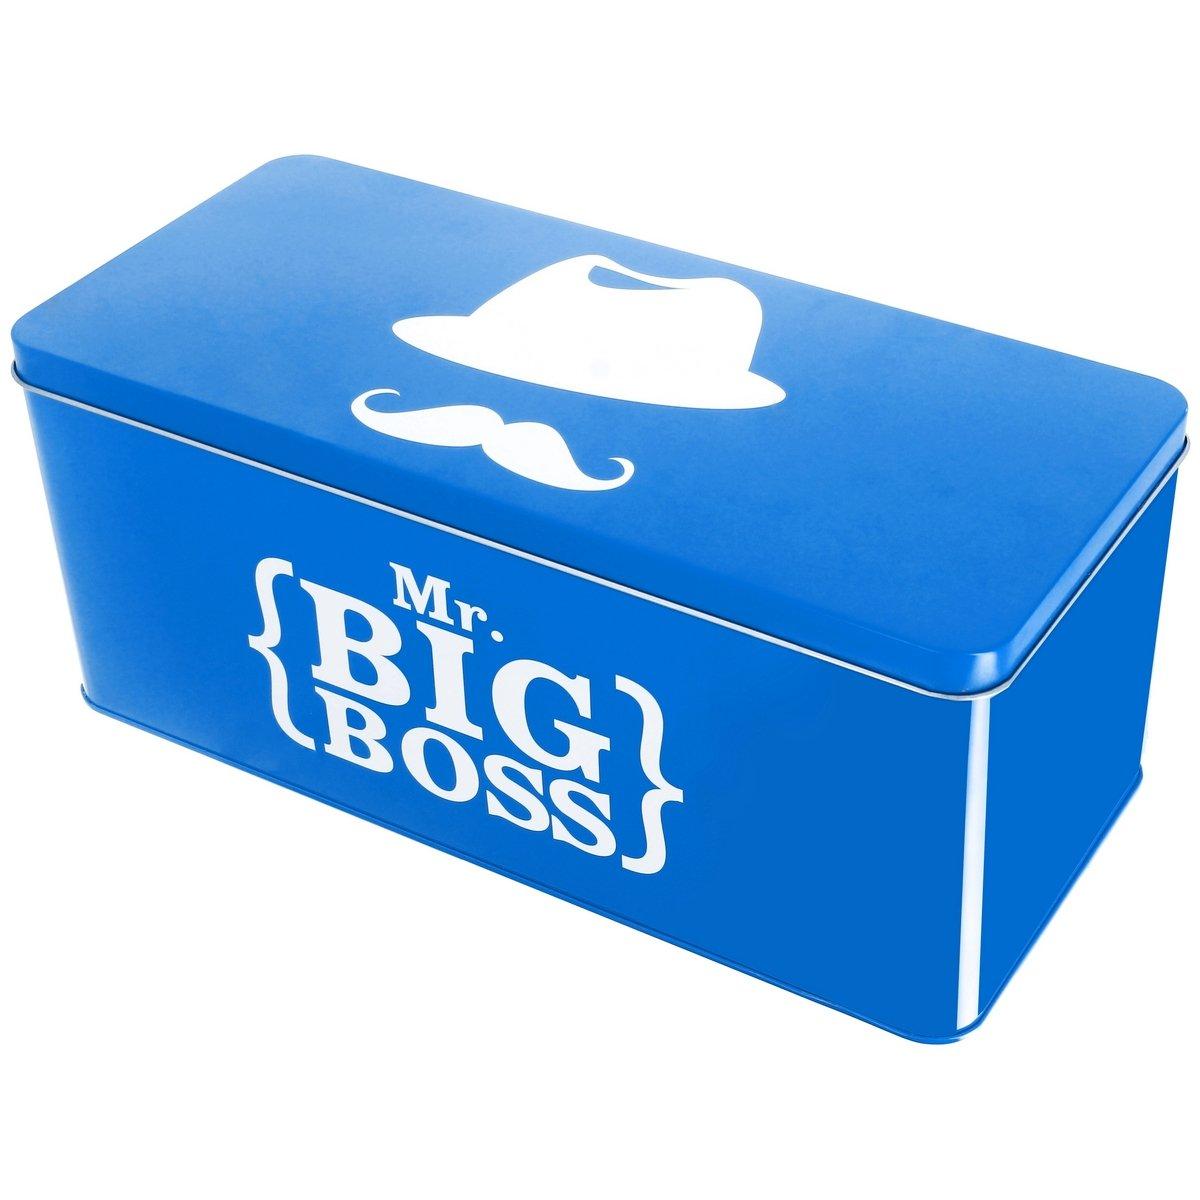 Promobo - recinto de almacenamiento (Metal, Monsieur Big Boss ideal farmacia documentos correo blanco: Amazon.es: Hogar